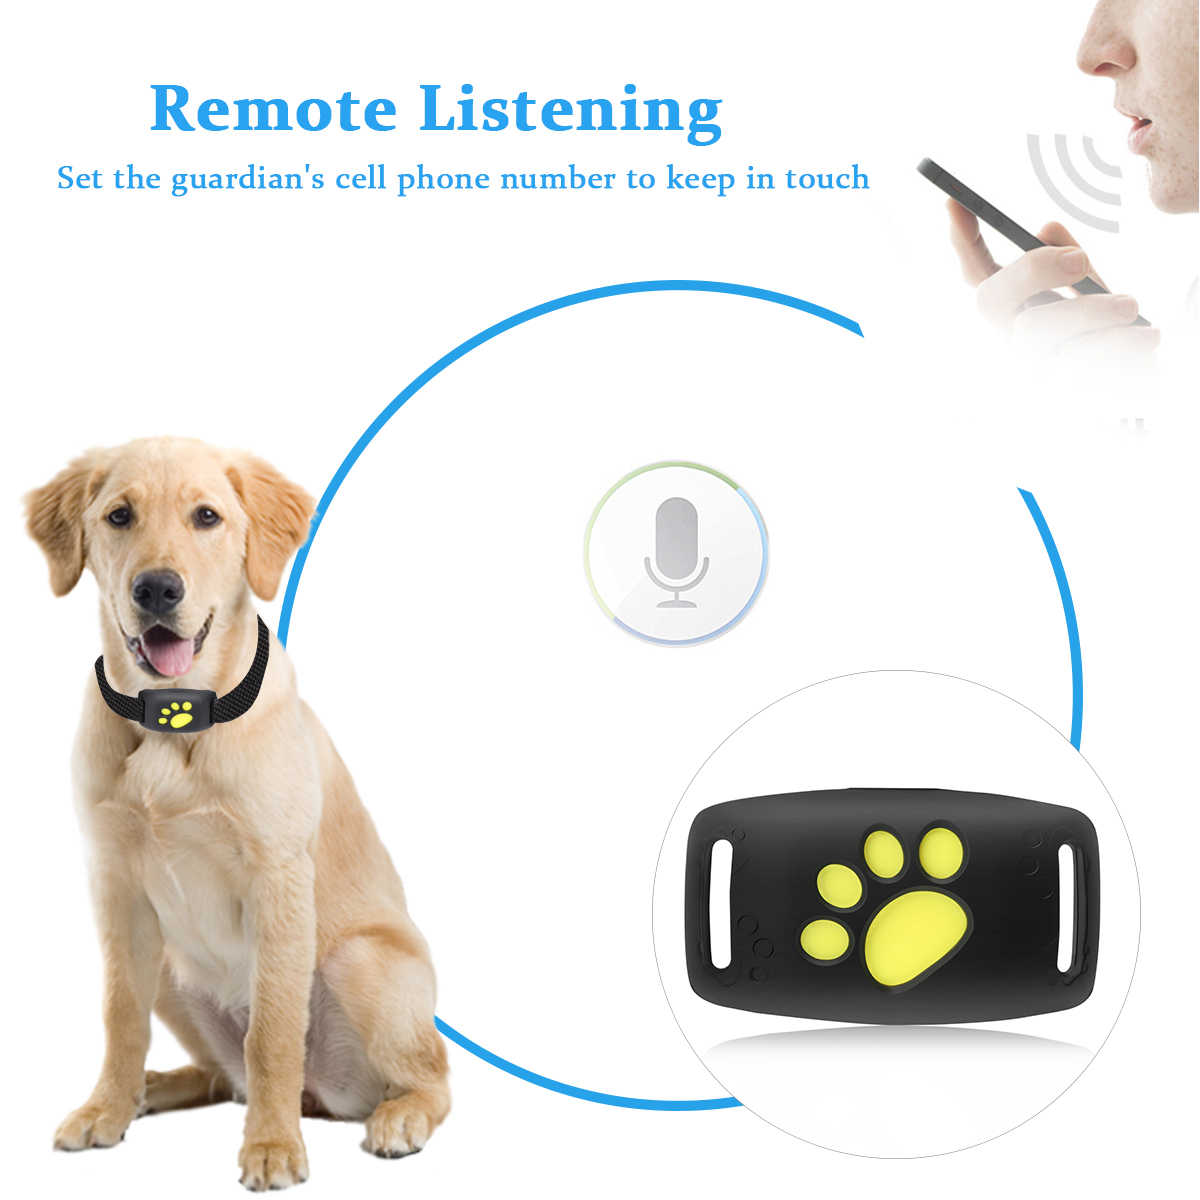 สัตว์เลี้ยงสุนัข GPS Tracker สุนัขแมว GPS ฟังก์ชั่น Z8-A-pet Tracker GPS กันน้ำ USB ชาร์จสัตว์เลี้ยงลูกสุนัขซัพพลายเออร์